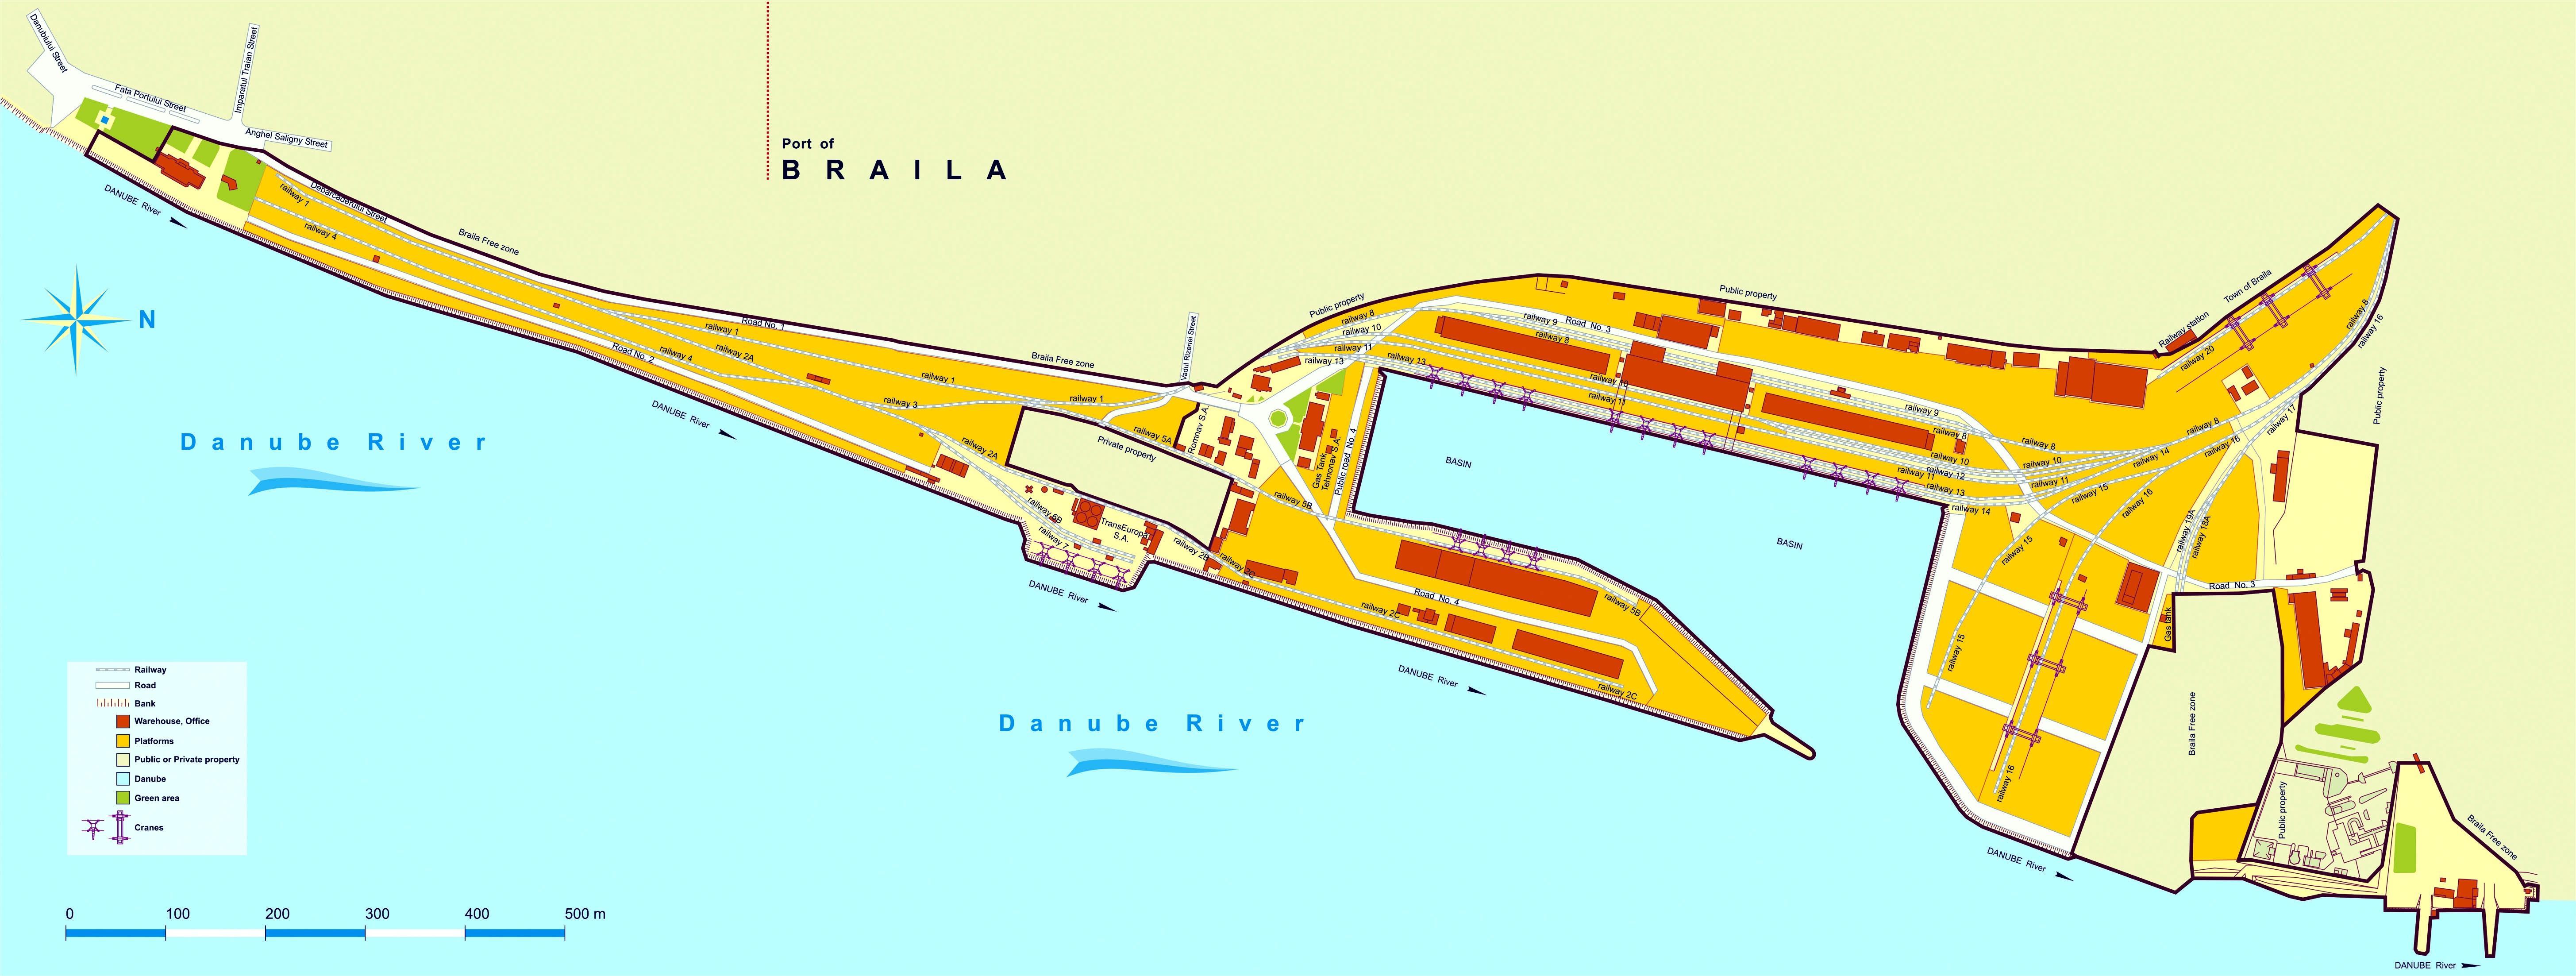 Harta Strategică De Zgomot A Portului Braila